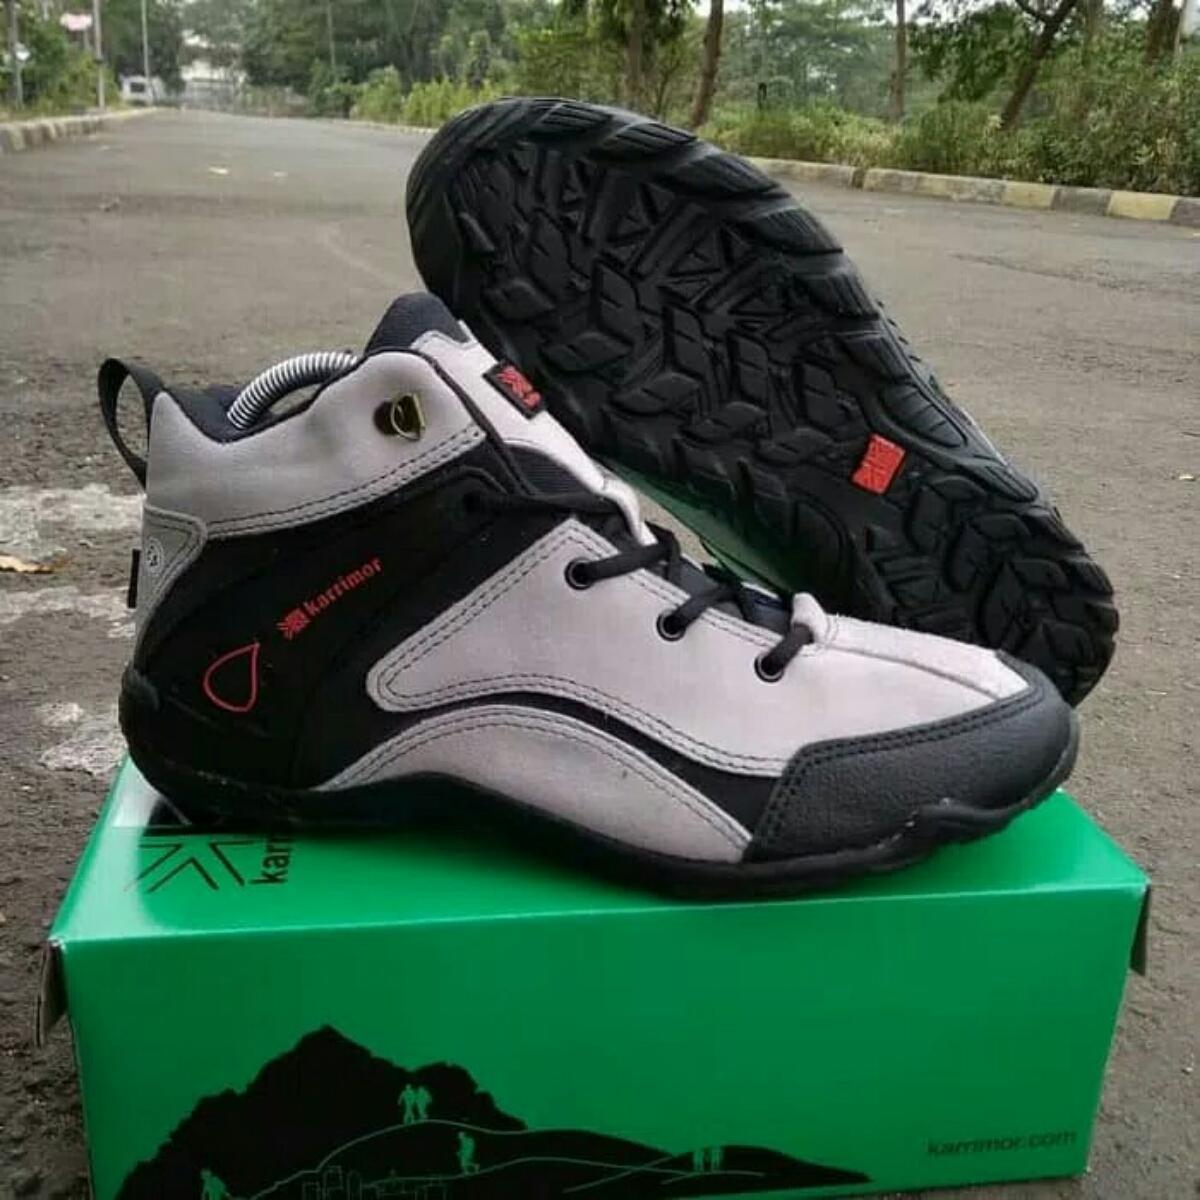 Sepatu Gunung Pria   Wanita - Sepatu Karrimor Low Tracking - Sepatu Hiking  - Sepatu Olahraga 42782b3154